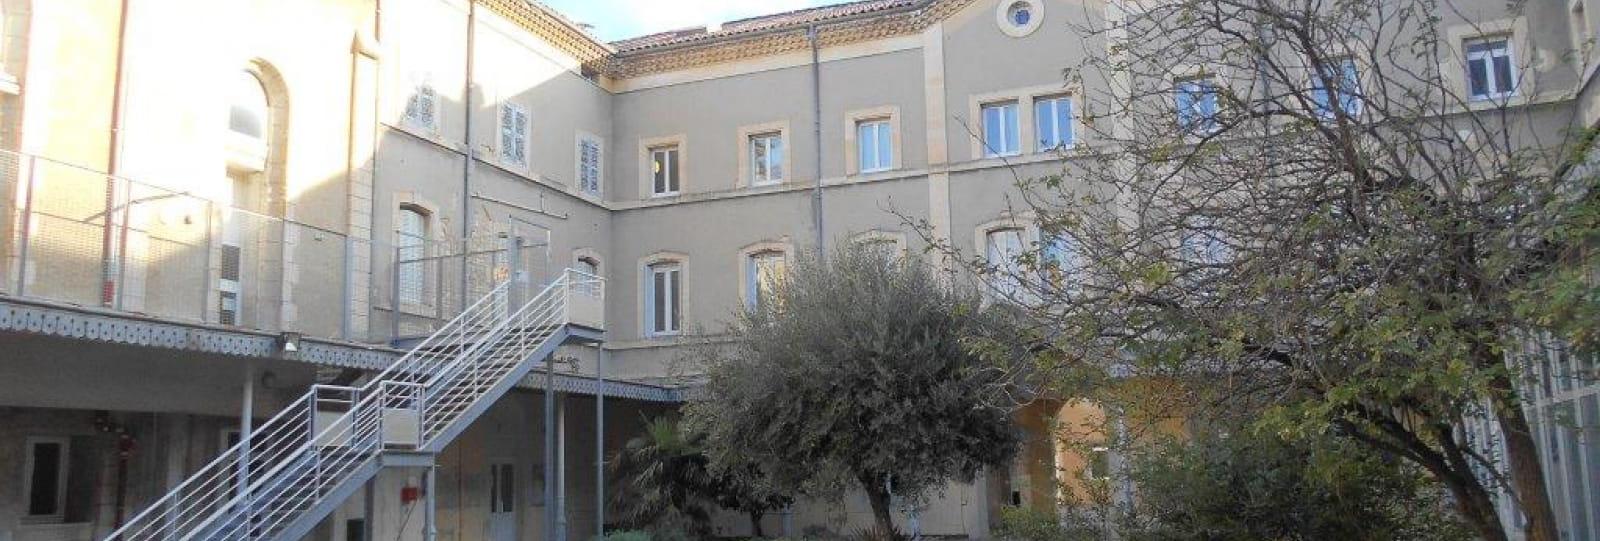 Lycée Drôme Provençale